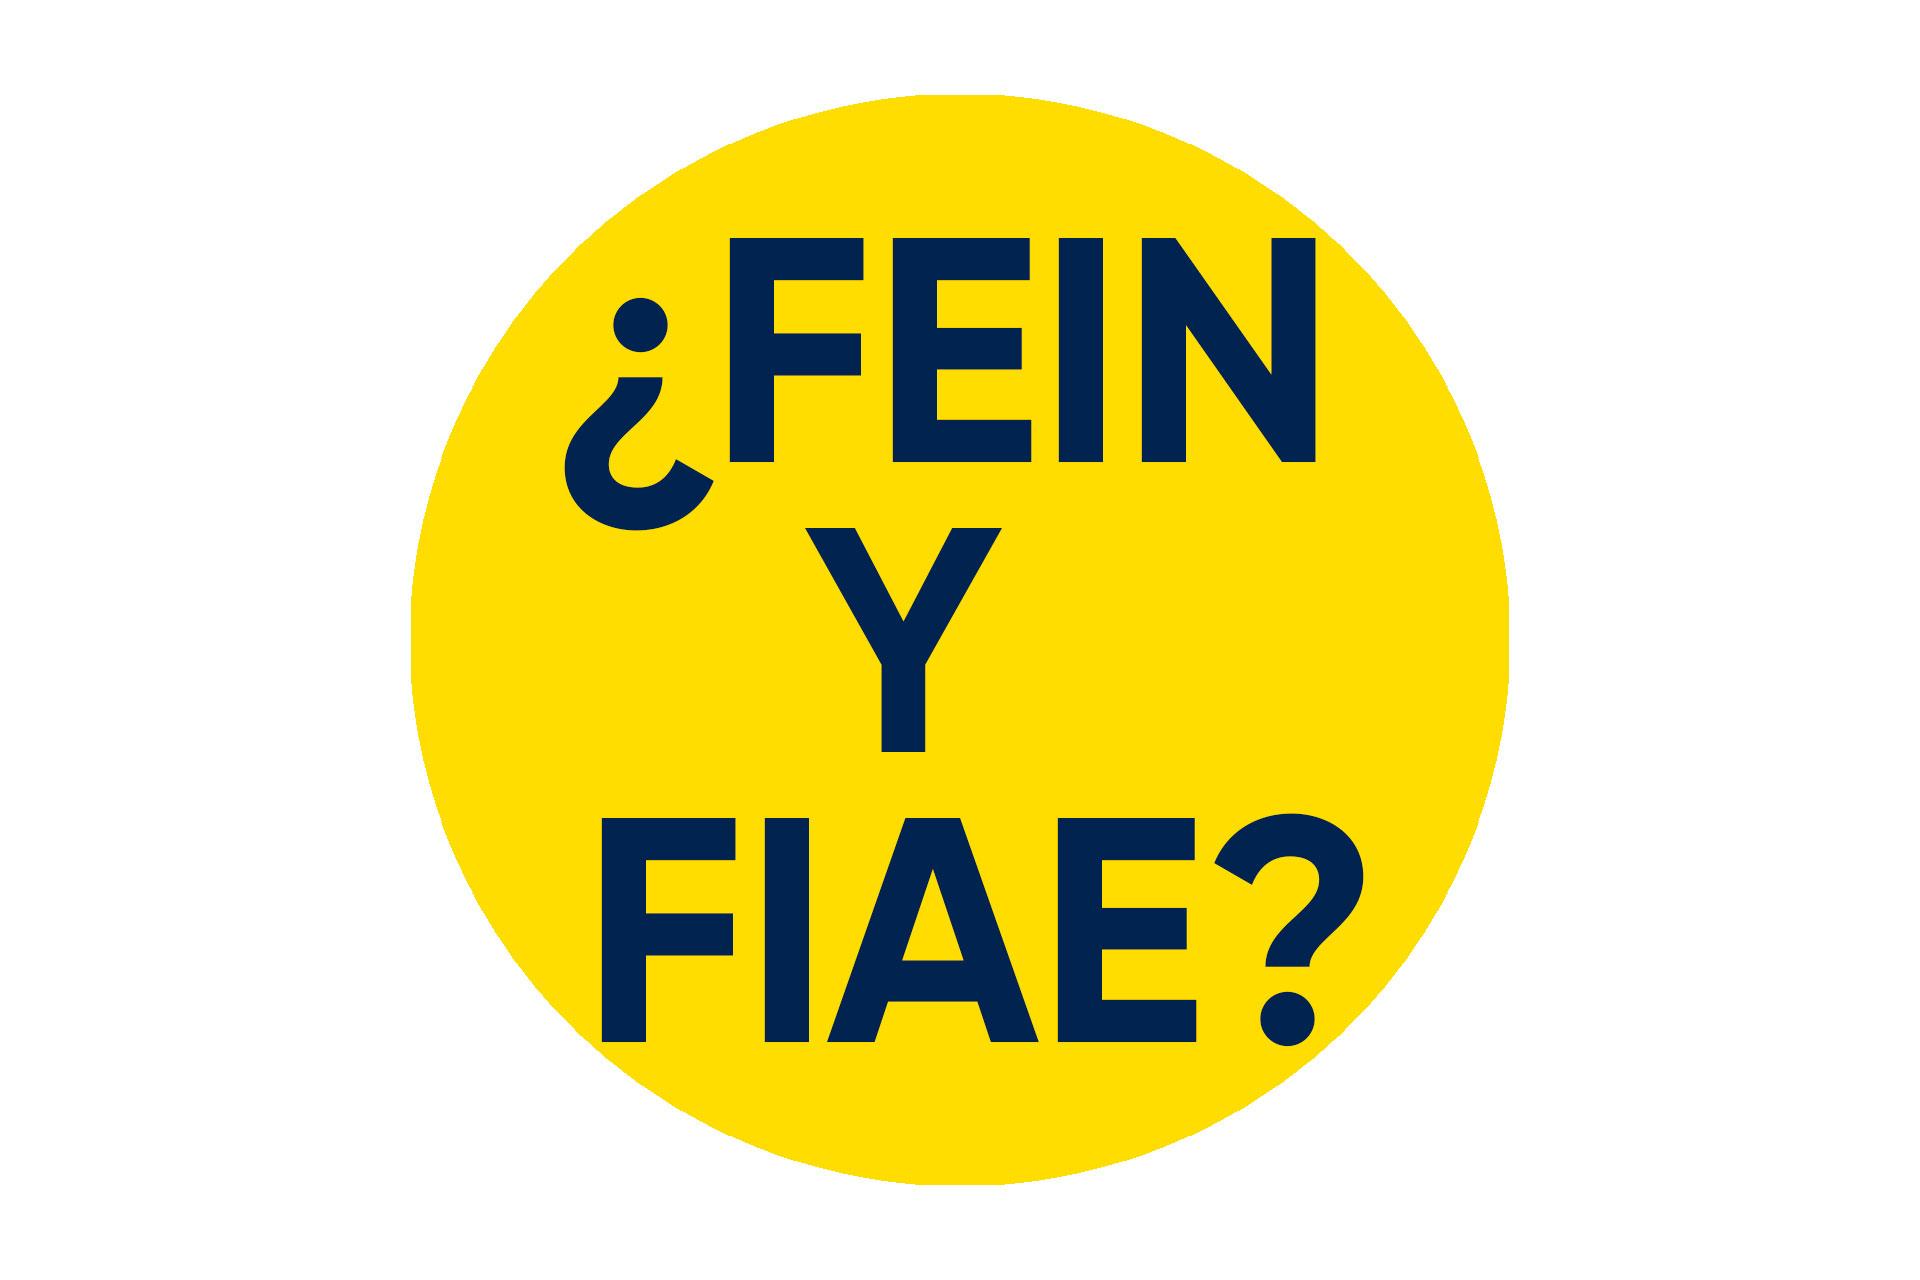 FEIN-Y-FIAE